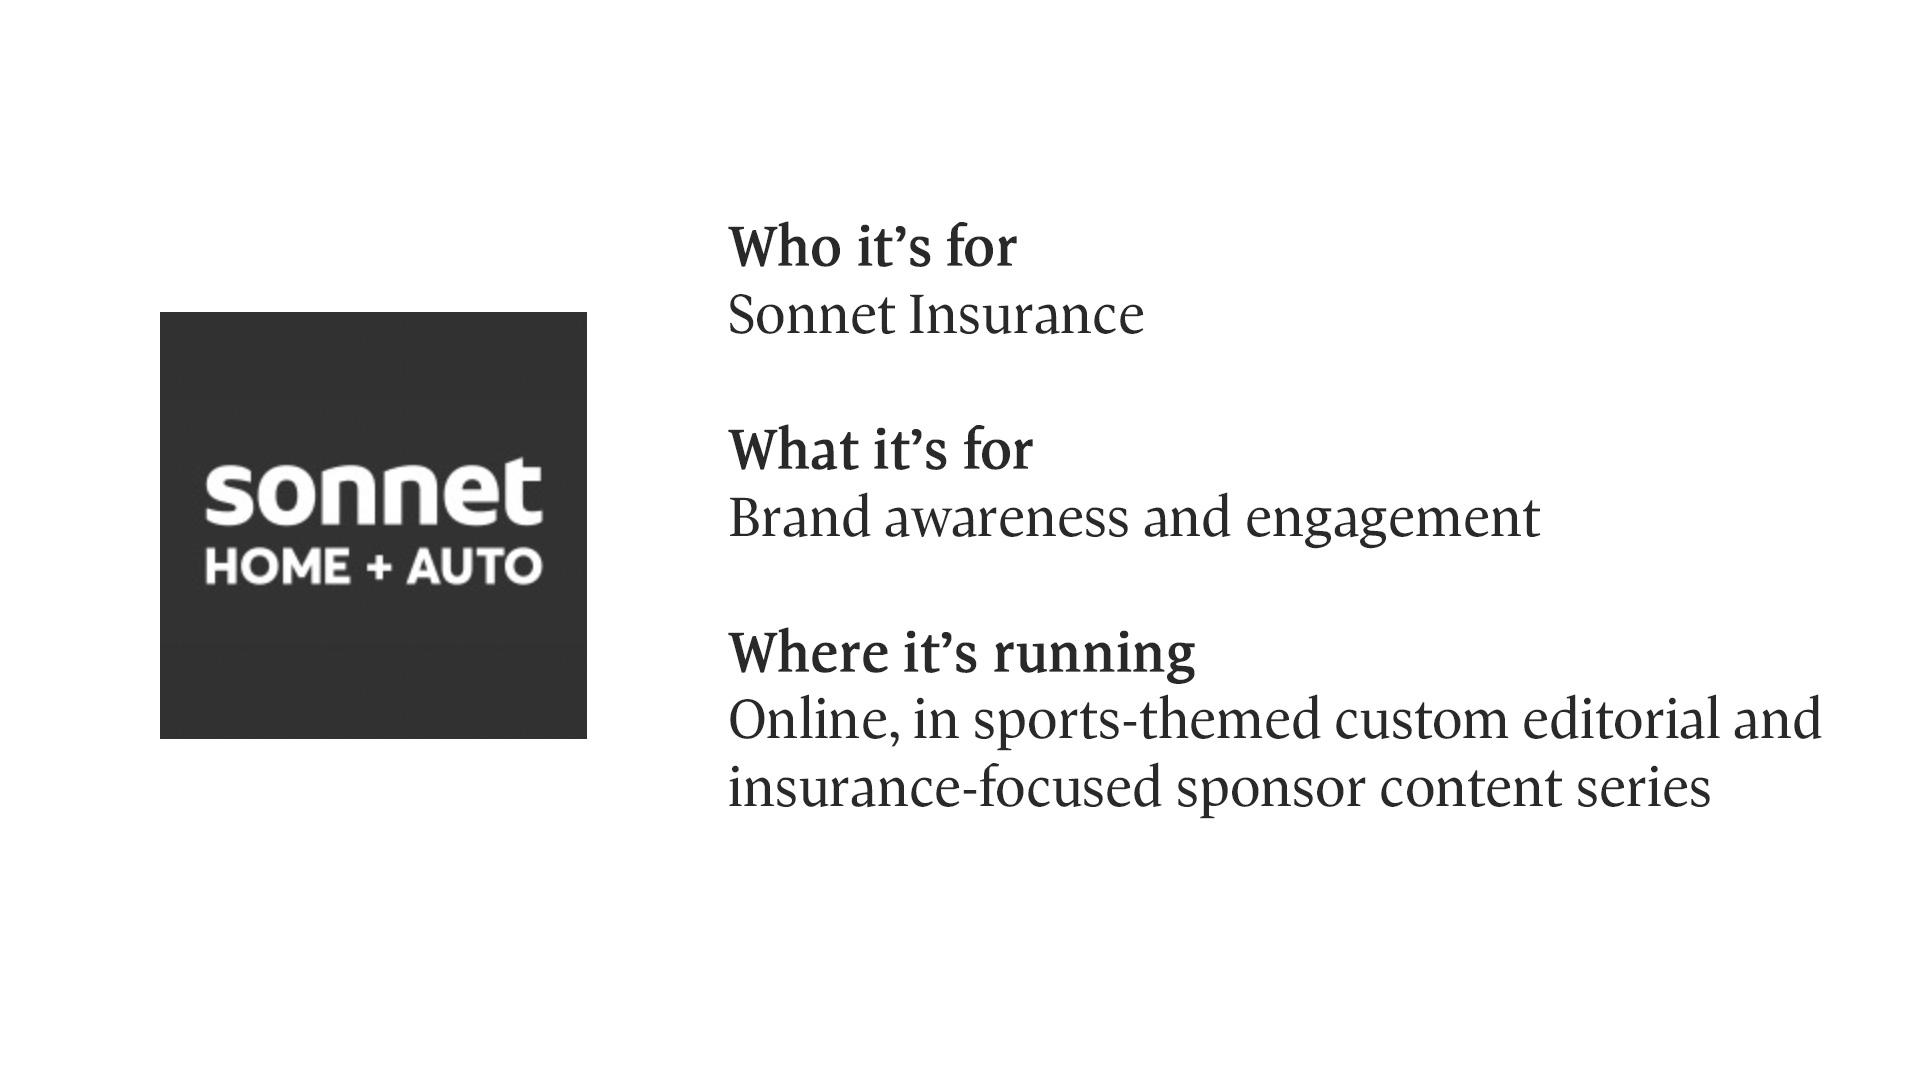 Sonnet-Insurance-Program-Details-1920x1080